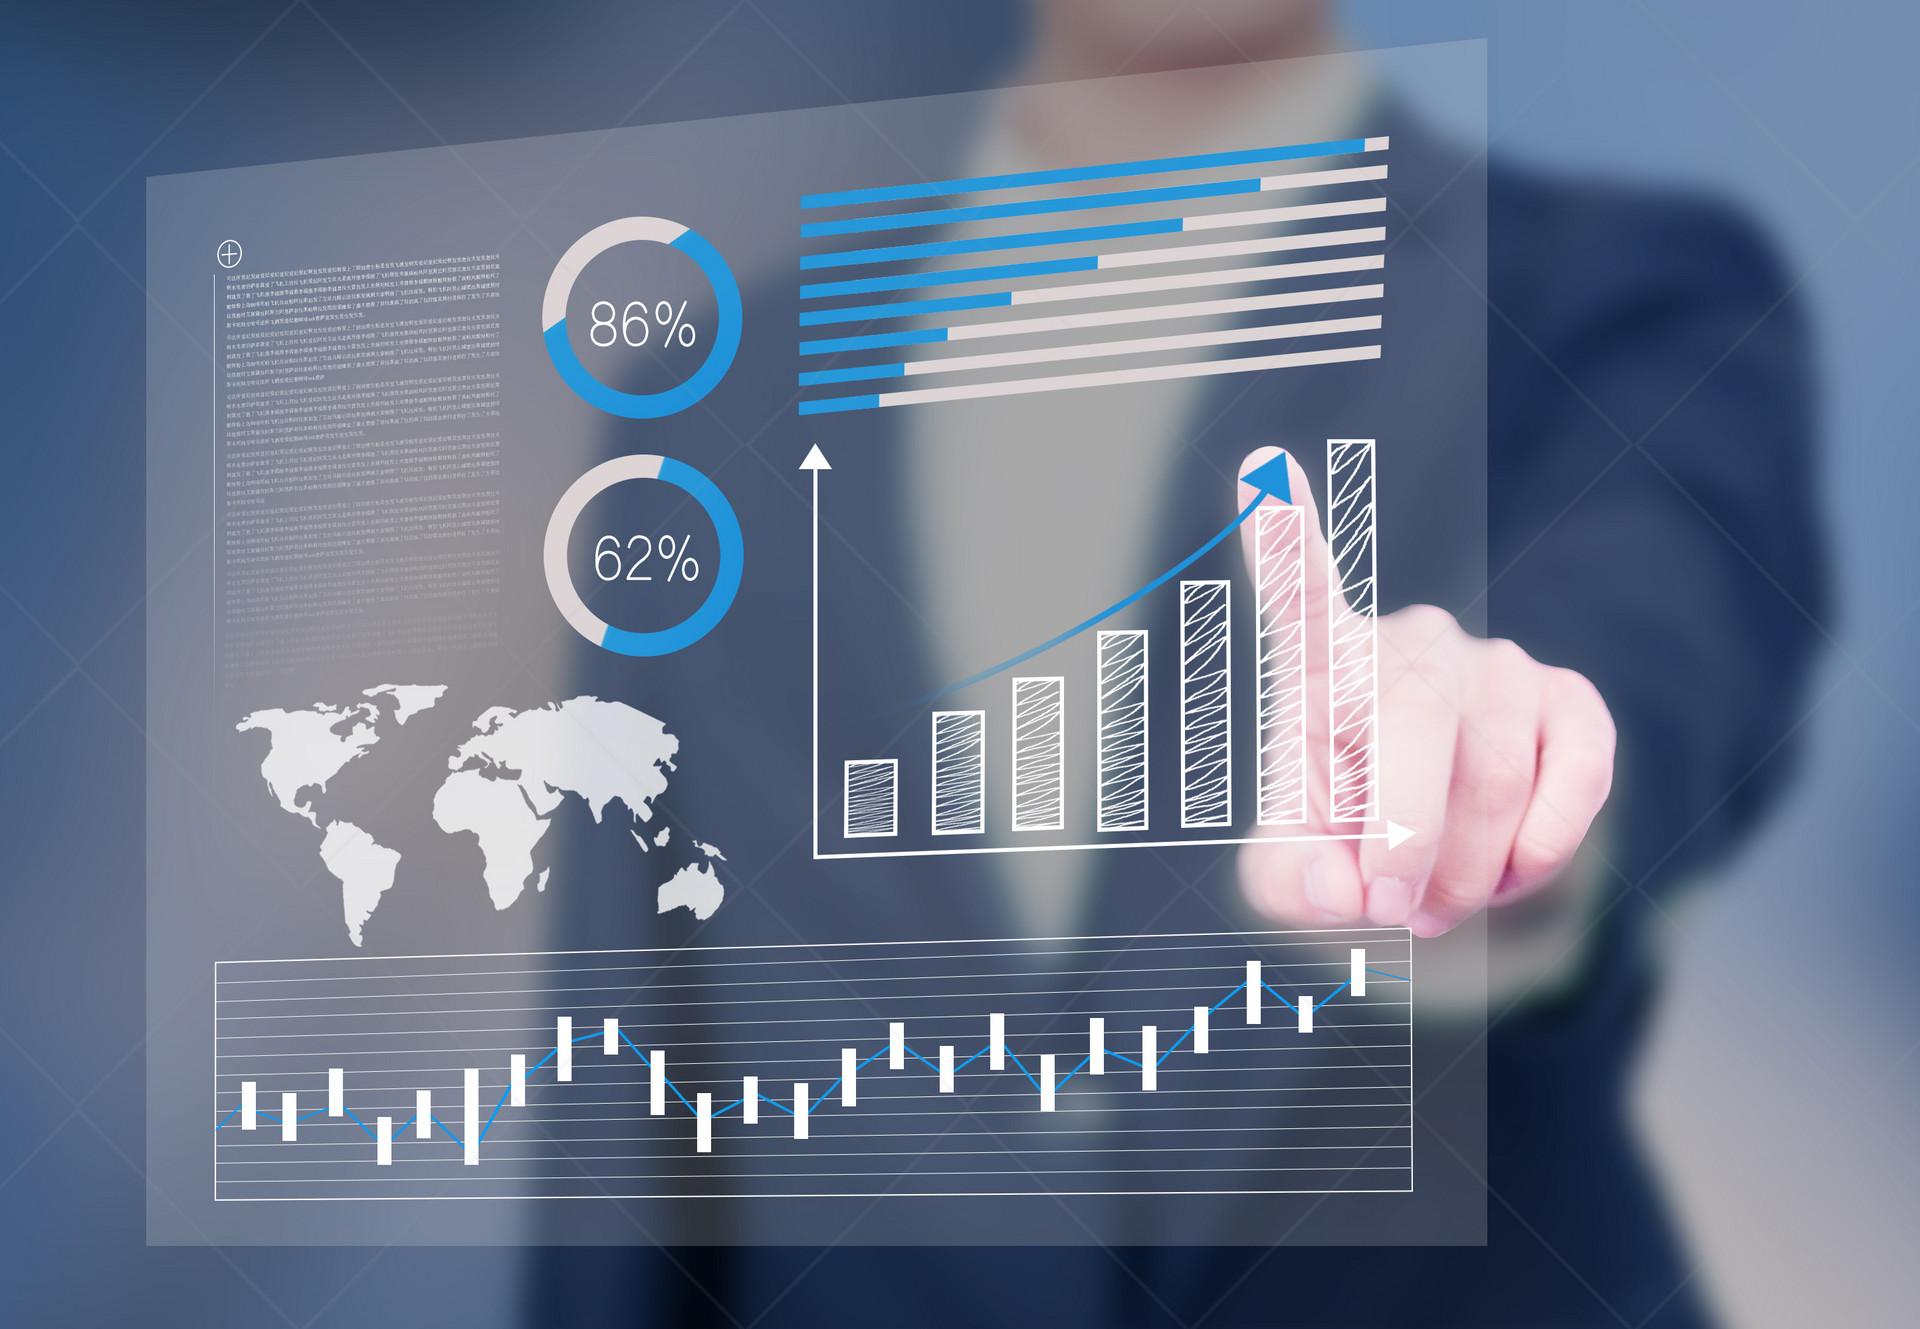 北京2019年金融监管工作会议:做好互联网金融风险整治整改工作